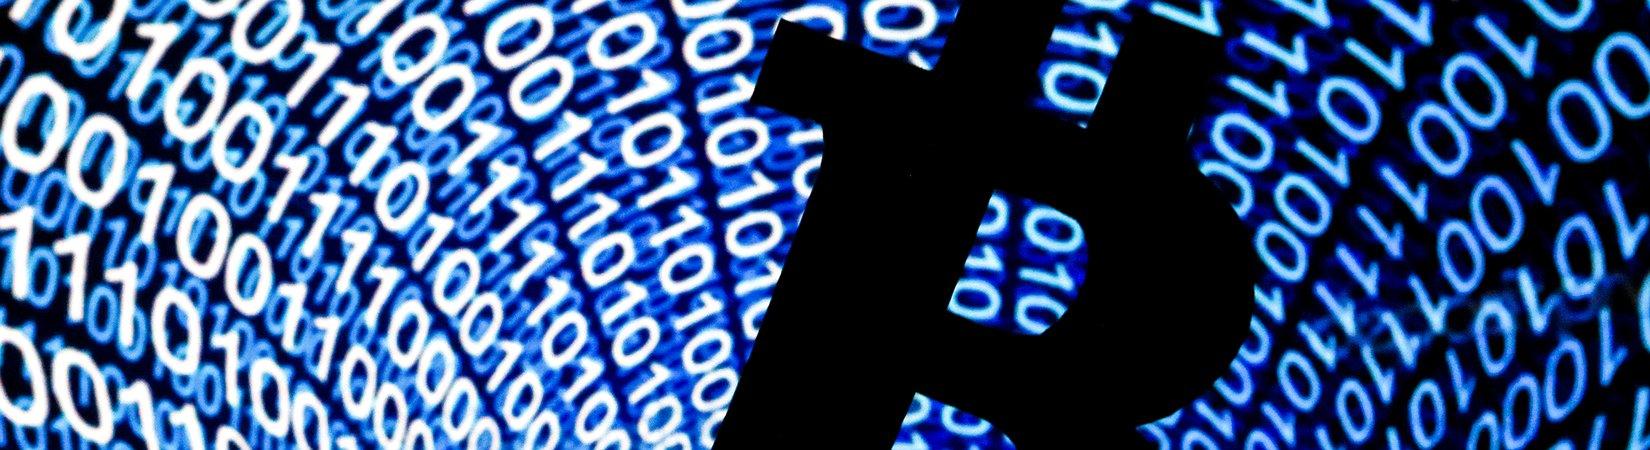 Opções de criptomoedas disponíveis este outono nos EUA